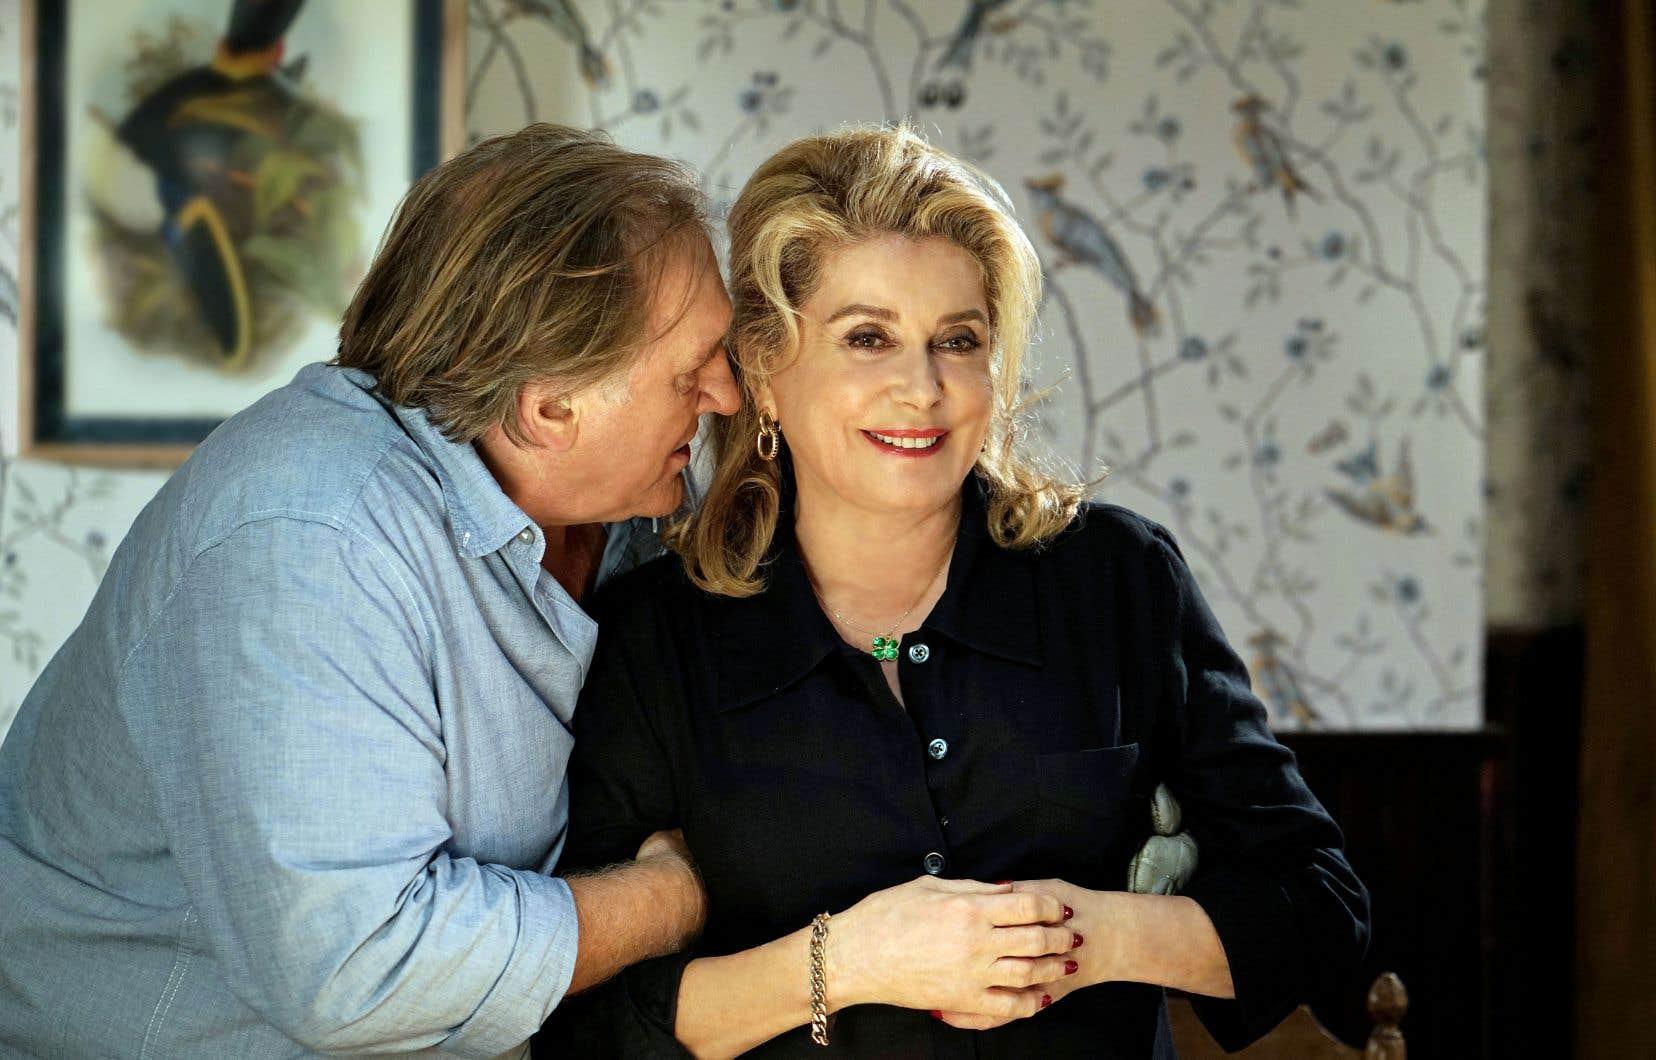 Dans «Bonne pomme», Gérard Depardieu incarne un garagiste qui trouvera un hébergement chez une aubergiste (Catherine Deneuve) lors de son arrivée dans son nouveau village.